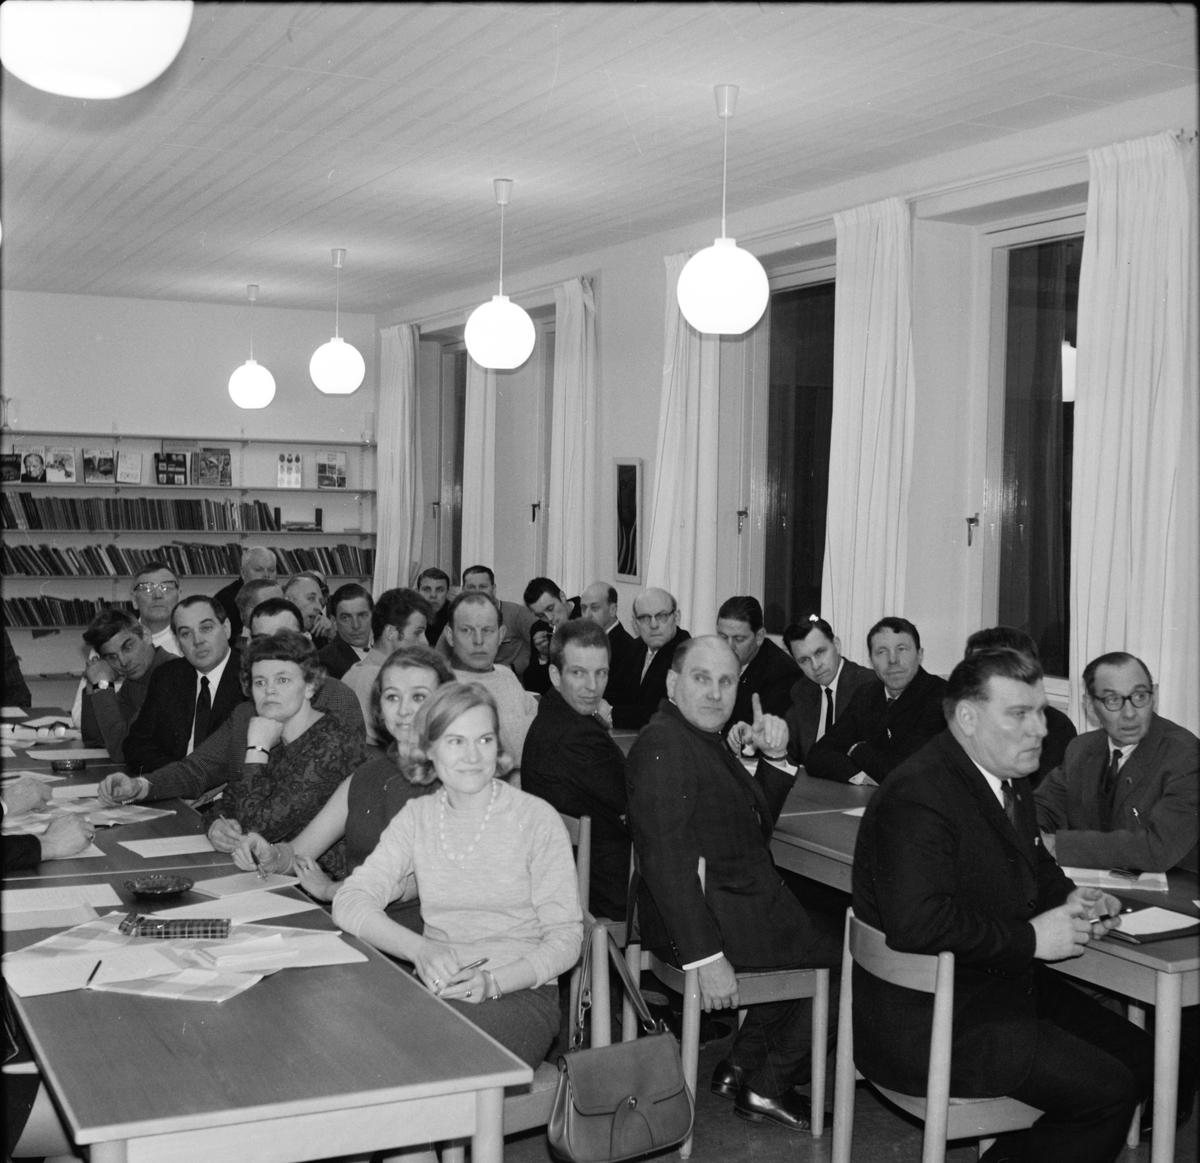 Arbrå, Disk. om skolungdomens fritid, 14 Februari 1968